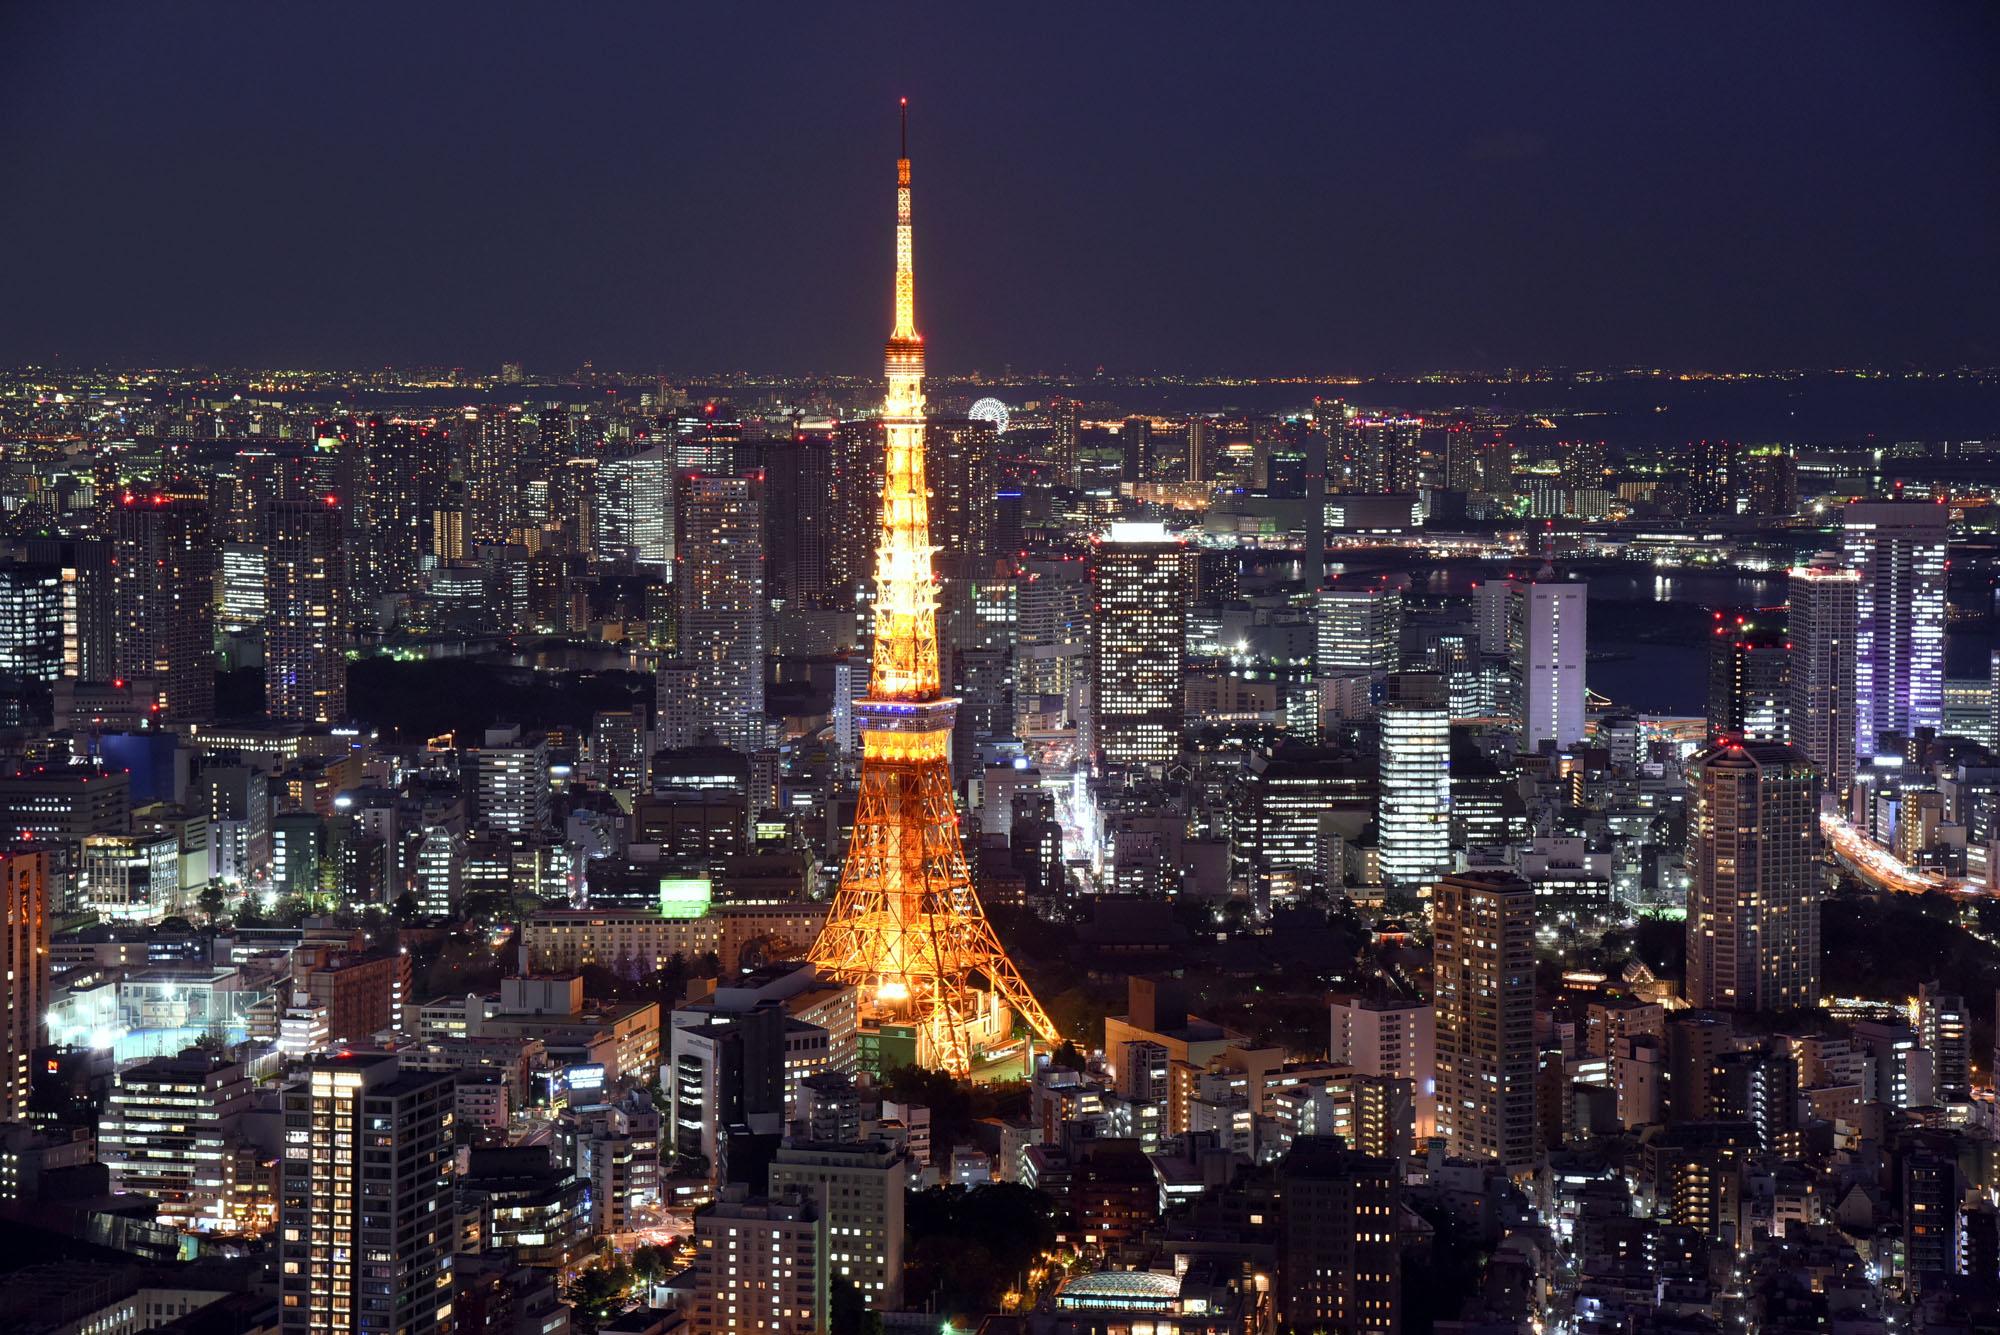 上海和东京的gdp_上海和东京夜景